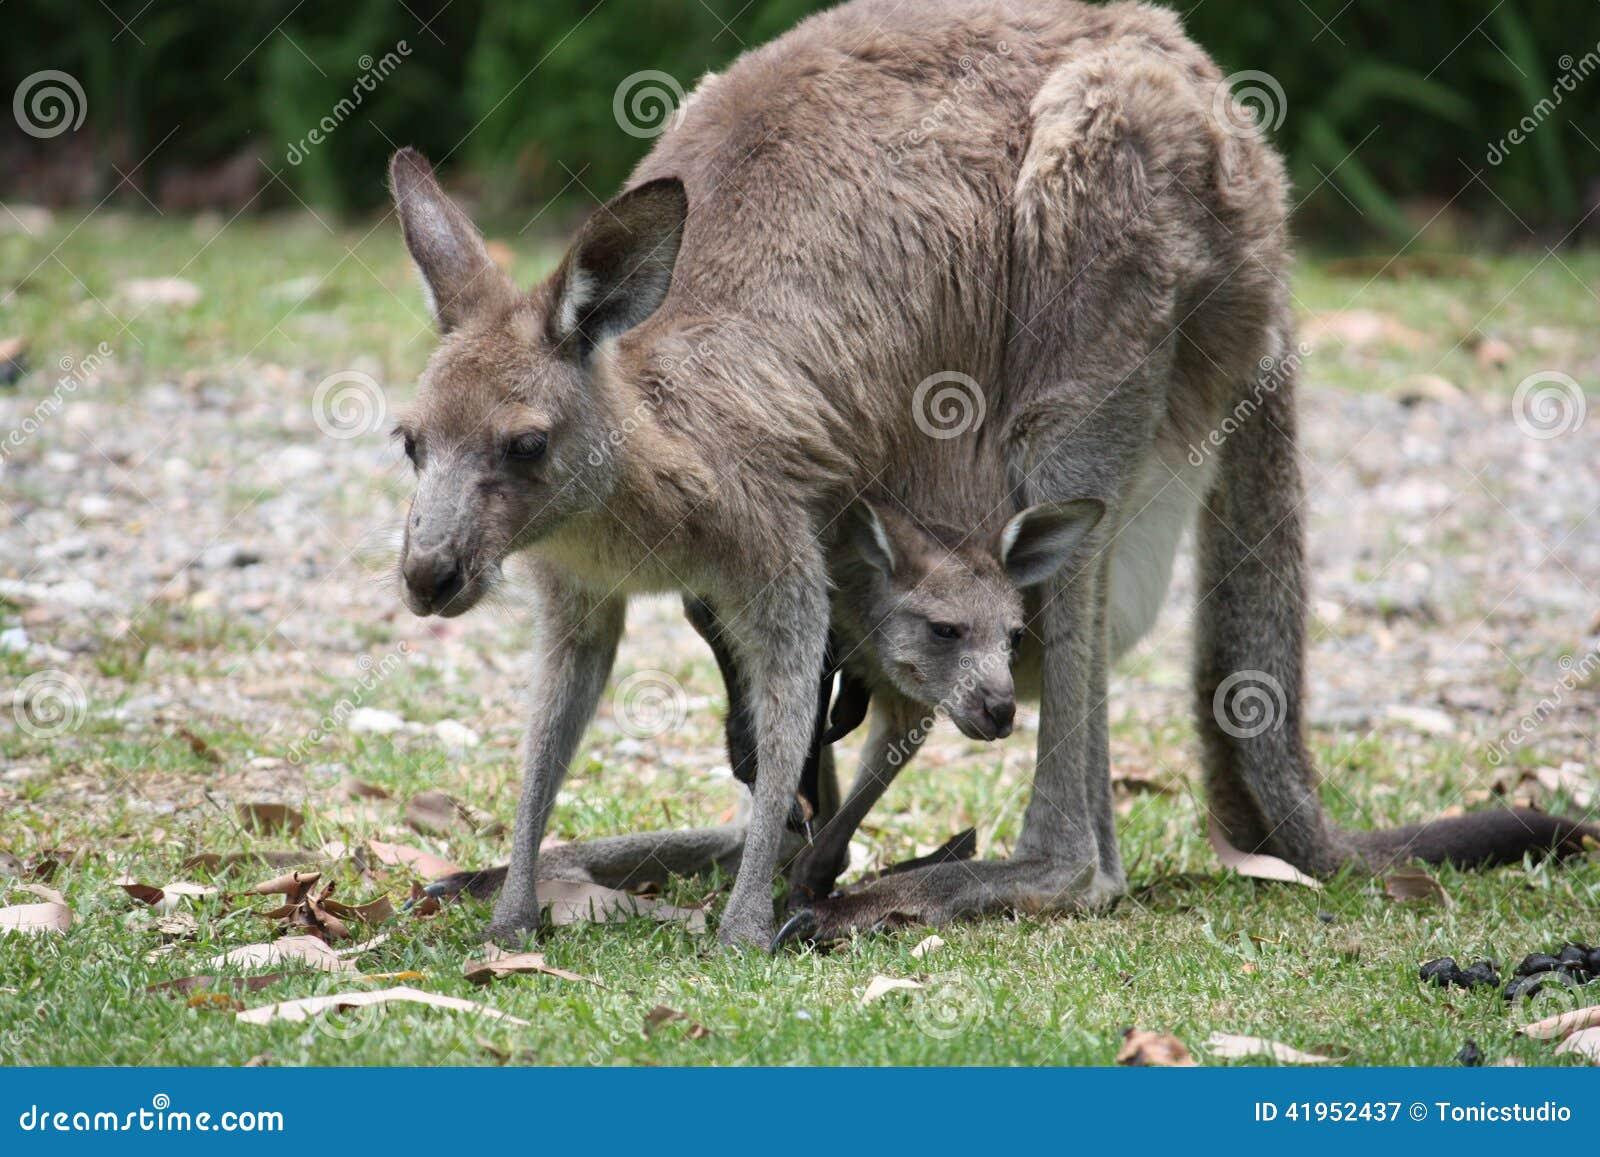 Kangura joey